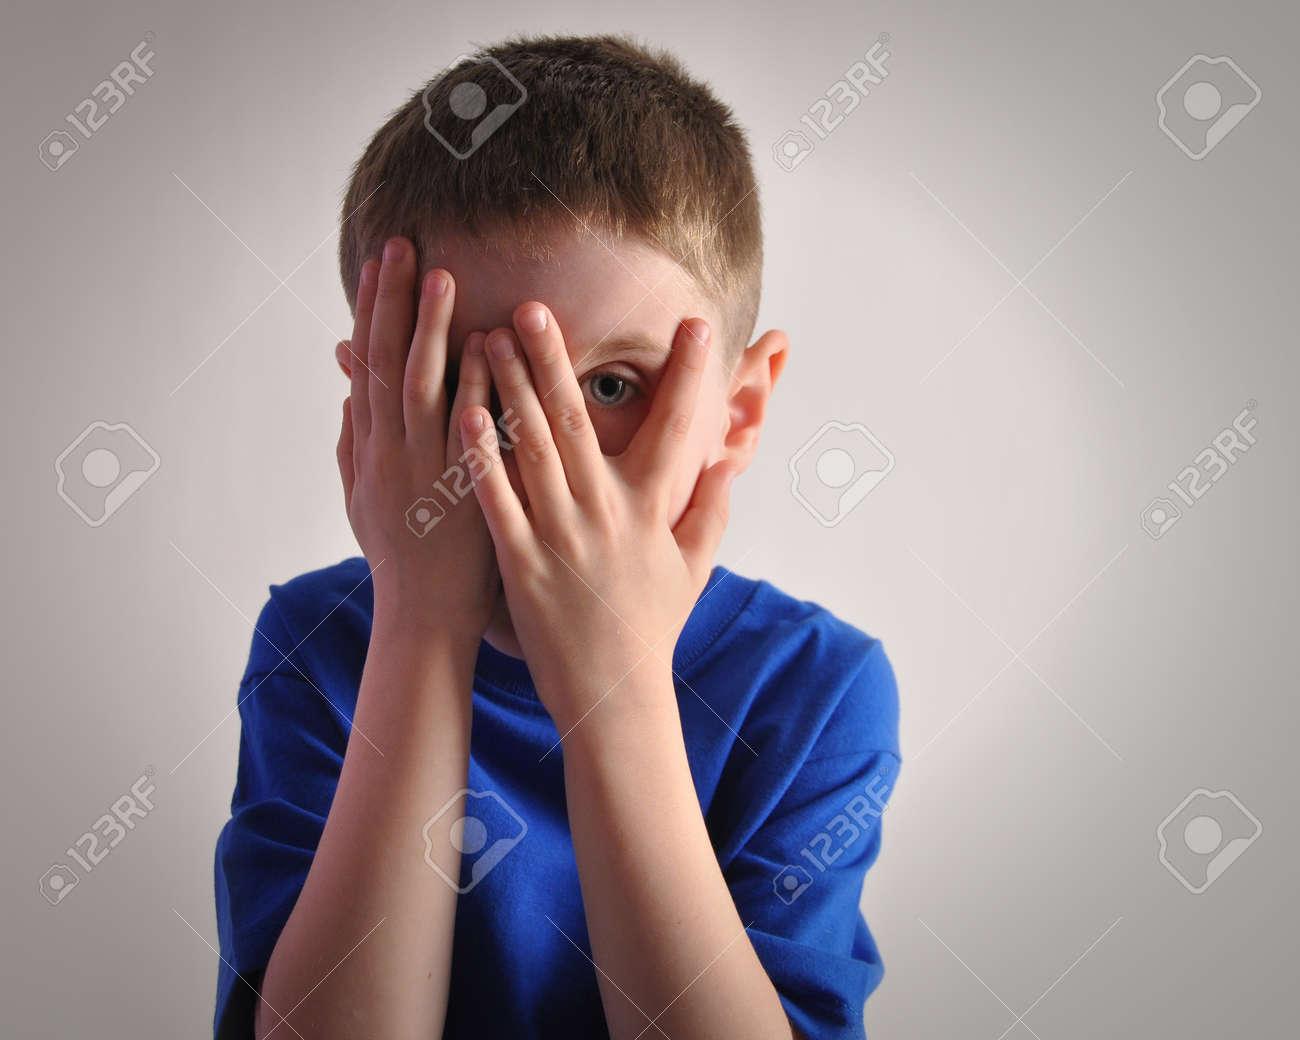 Immagini Stock - Un Bambino Si Nasconde Gli Occhi Con Le Mani E Guarda  Spaventato O Turbato Il Ragazzo è Isolato Su Uno Sfondo Bianco Per Un  Concetto Di Paura O Tristezza